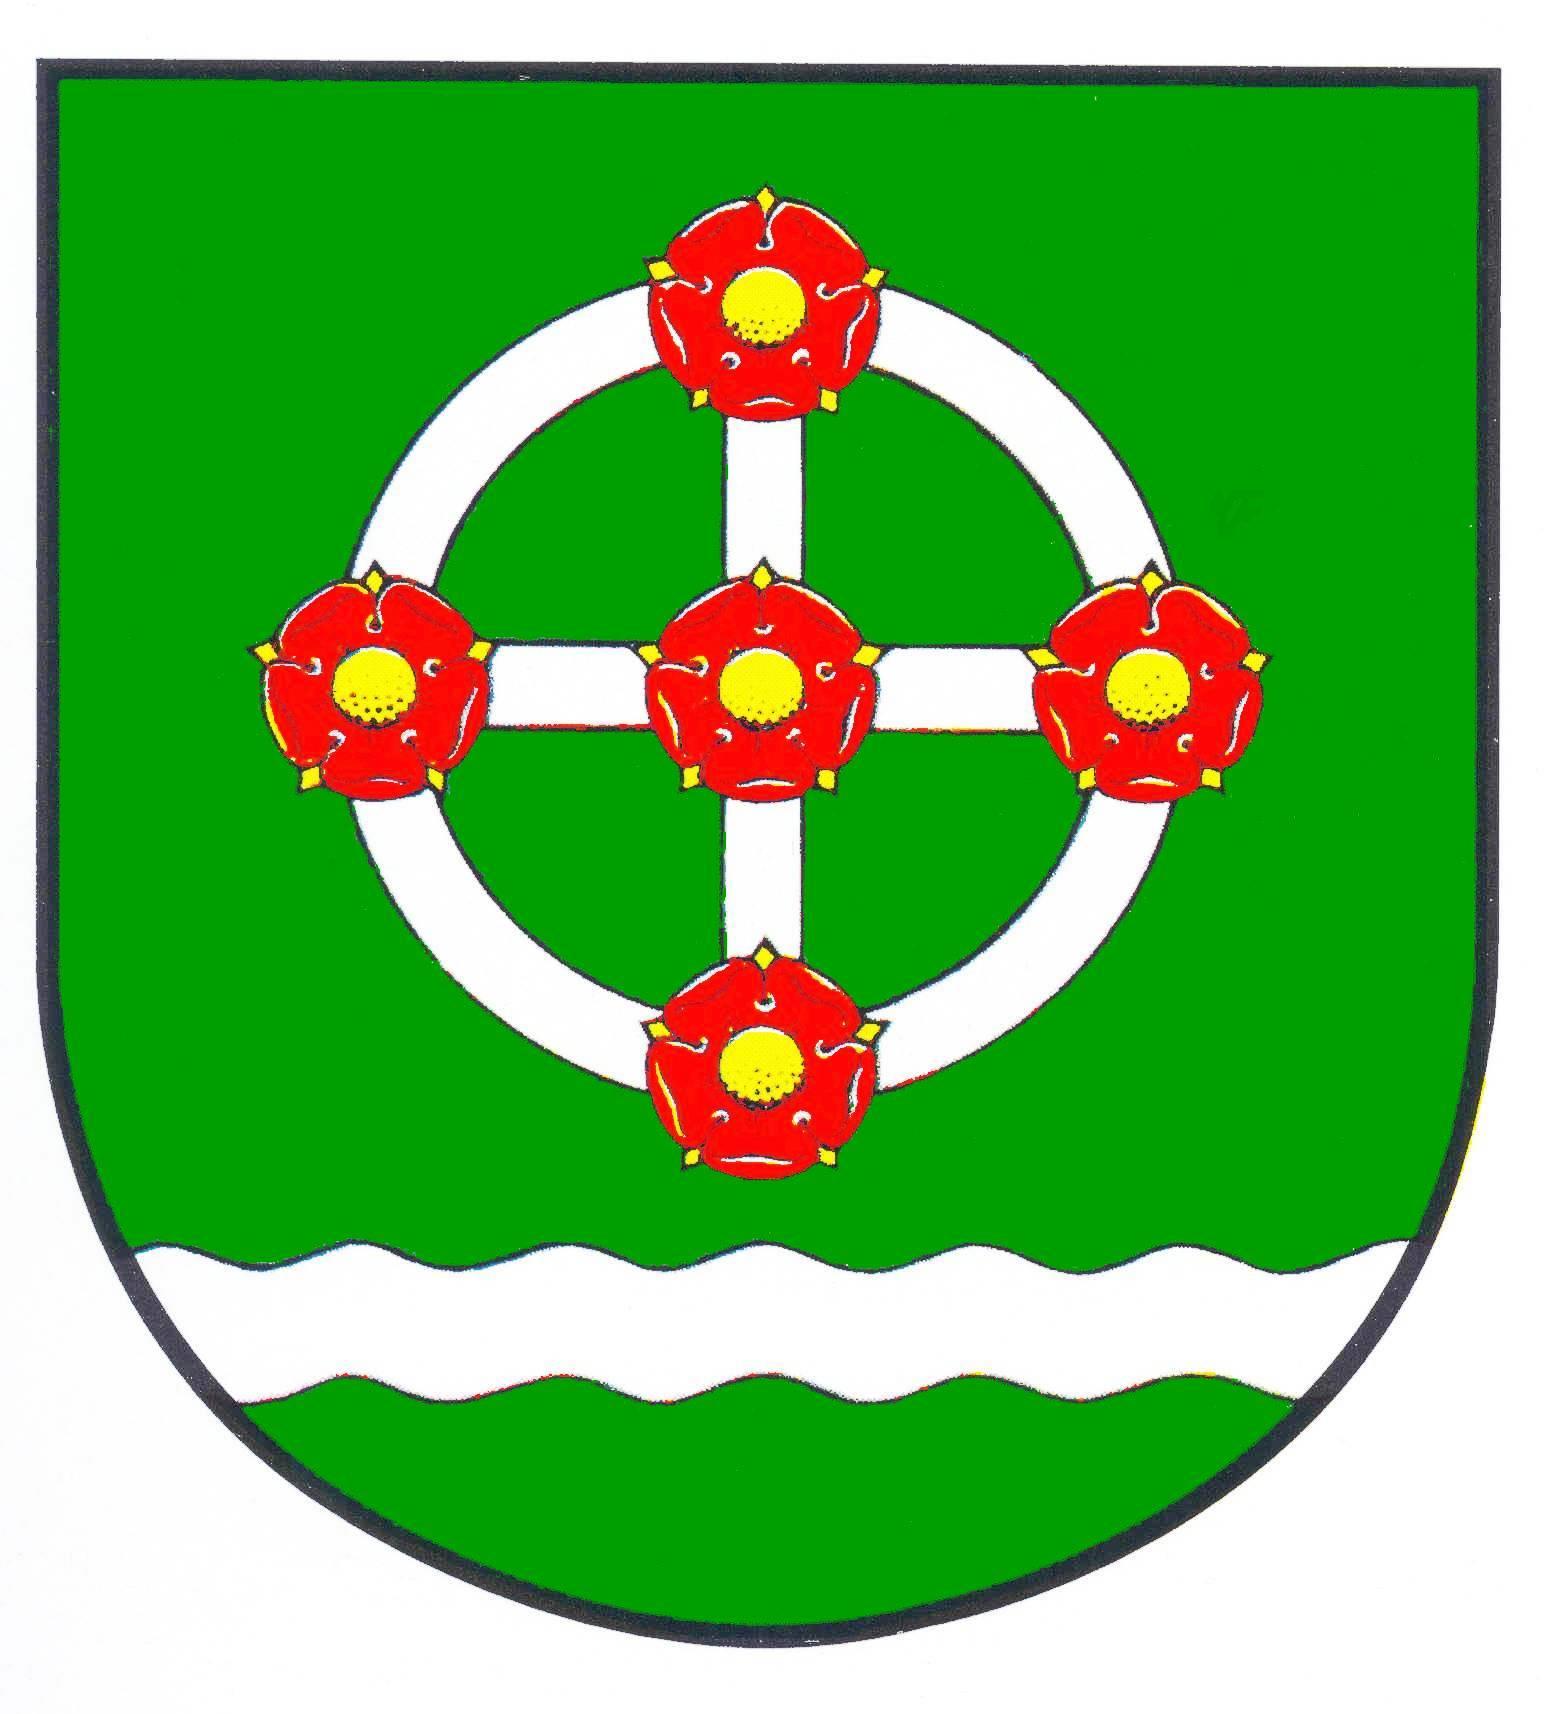 Wappen GemeindeAukrug, Kreis Rendsburg-Eckernförde